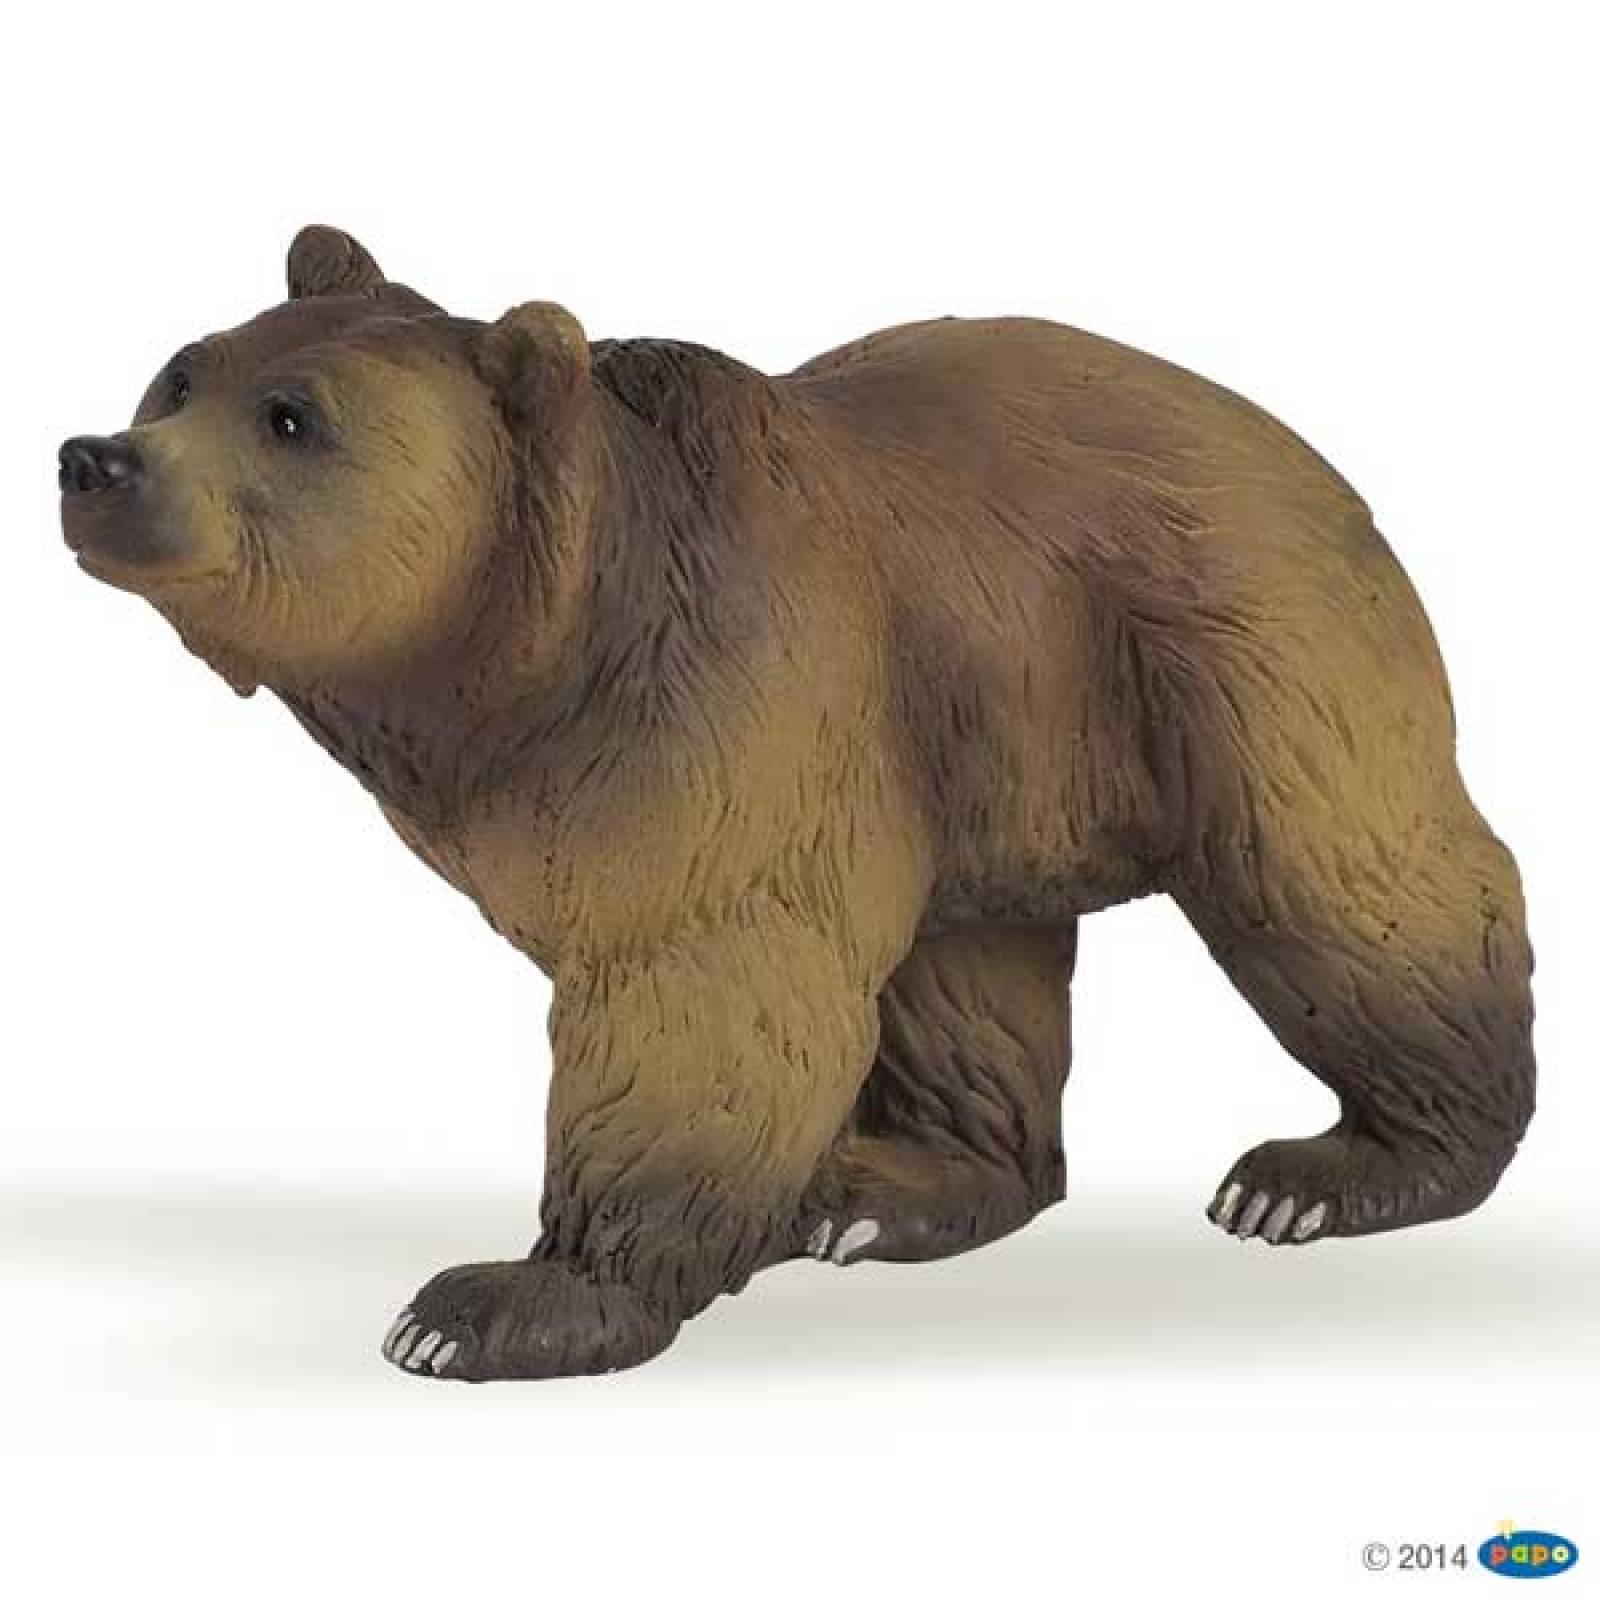 Pyrenees Bear Family PAPO WILD ANIMAL